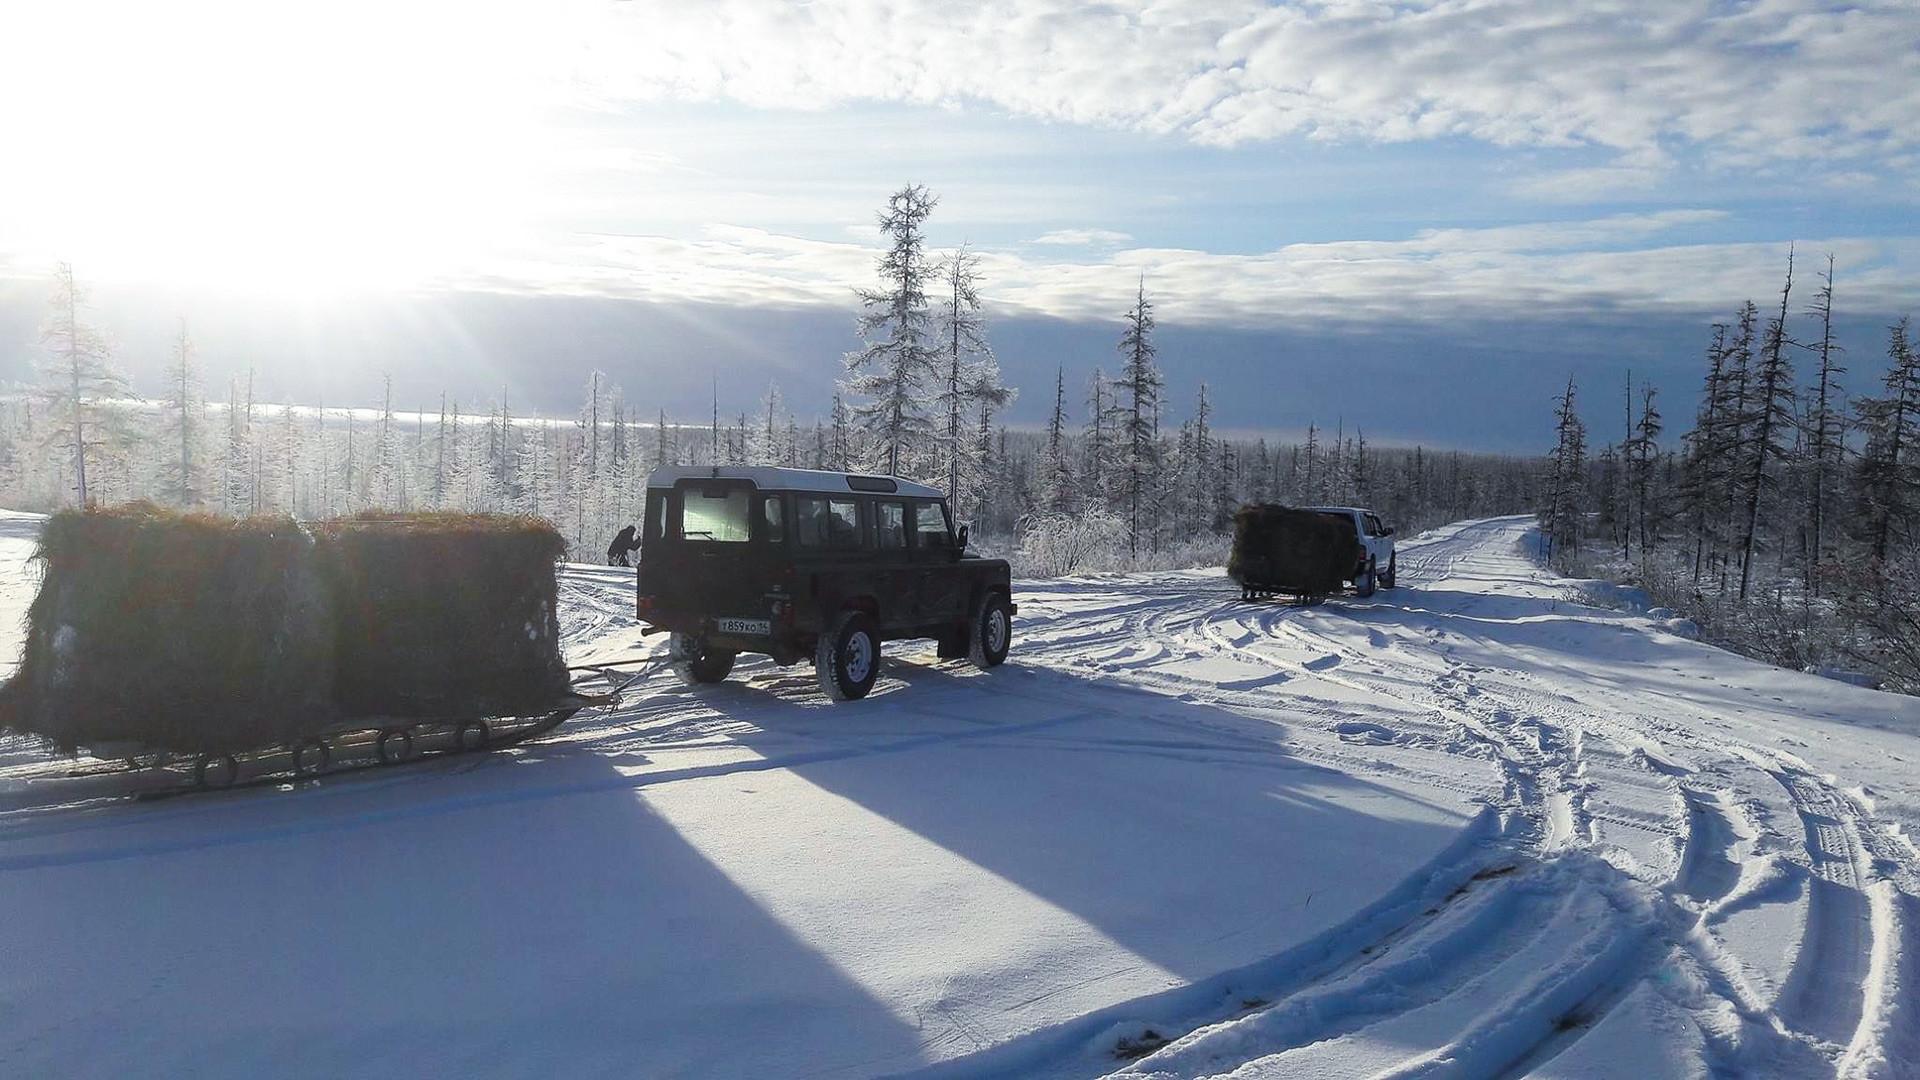 Meski dampak langsung perubahan iklim paling dirasakan oleh ekosistem padang rumput yang terletak di Kutub Utara, mengembalikan satwa liar di daerah lain pun tak kalah penting.